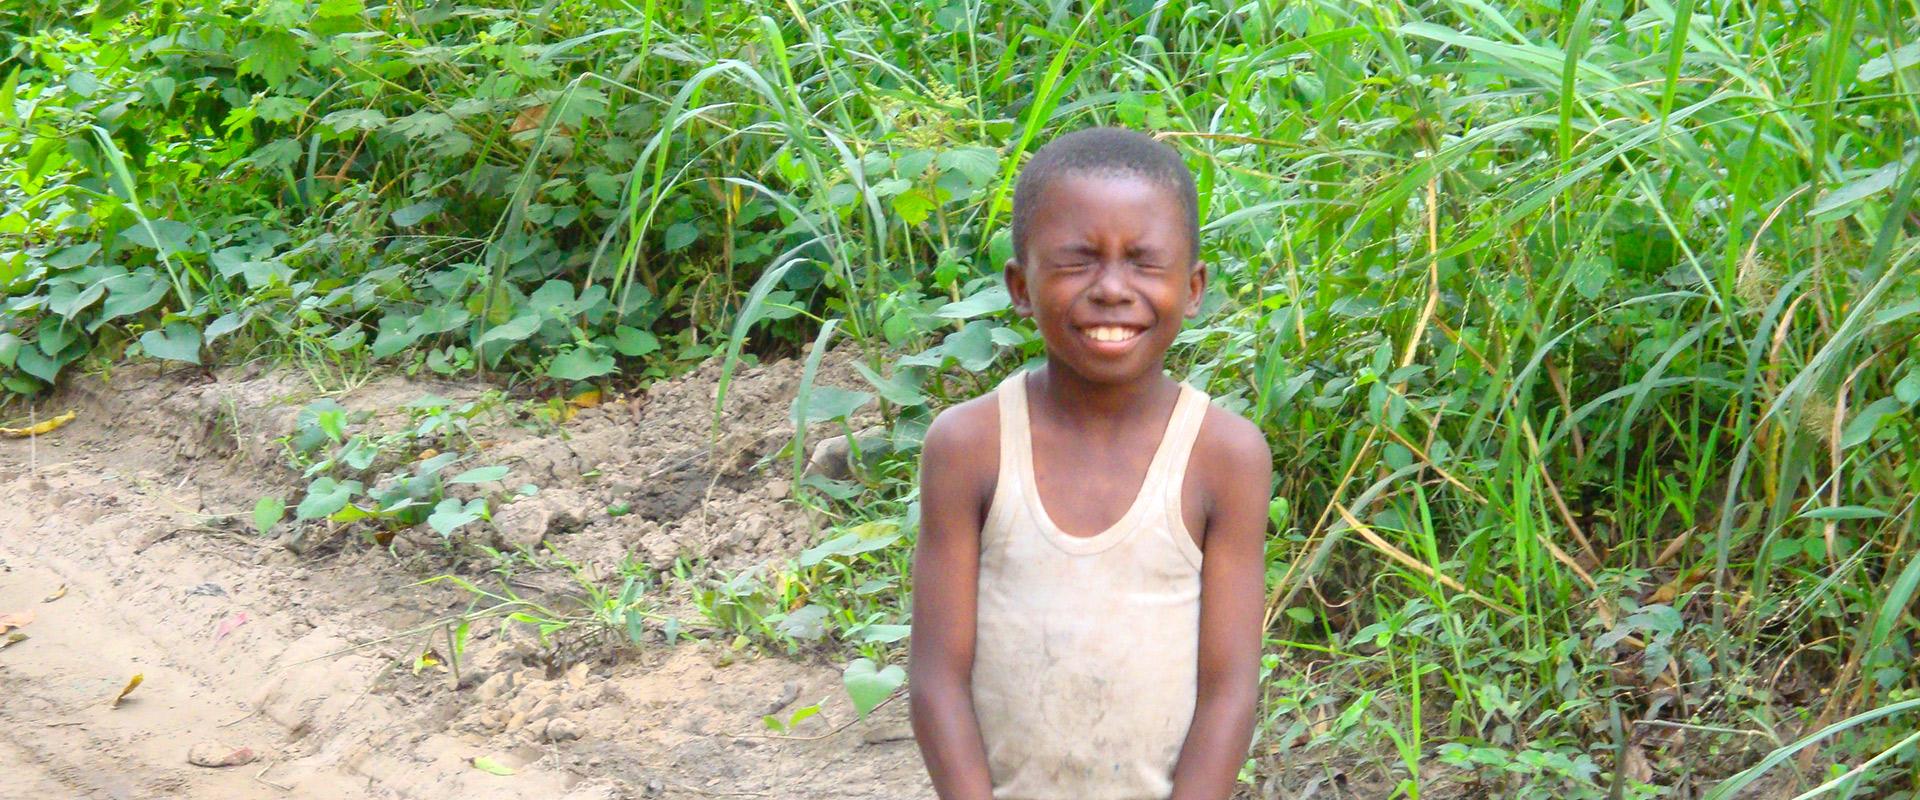 Educación y protección de niños de la calle – El Congo